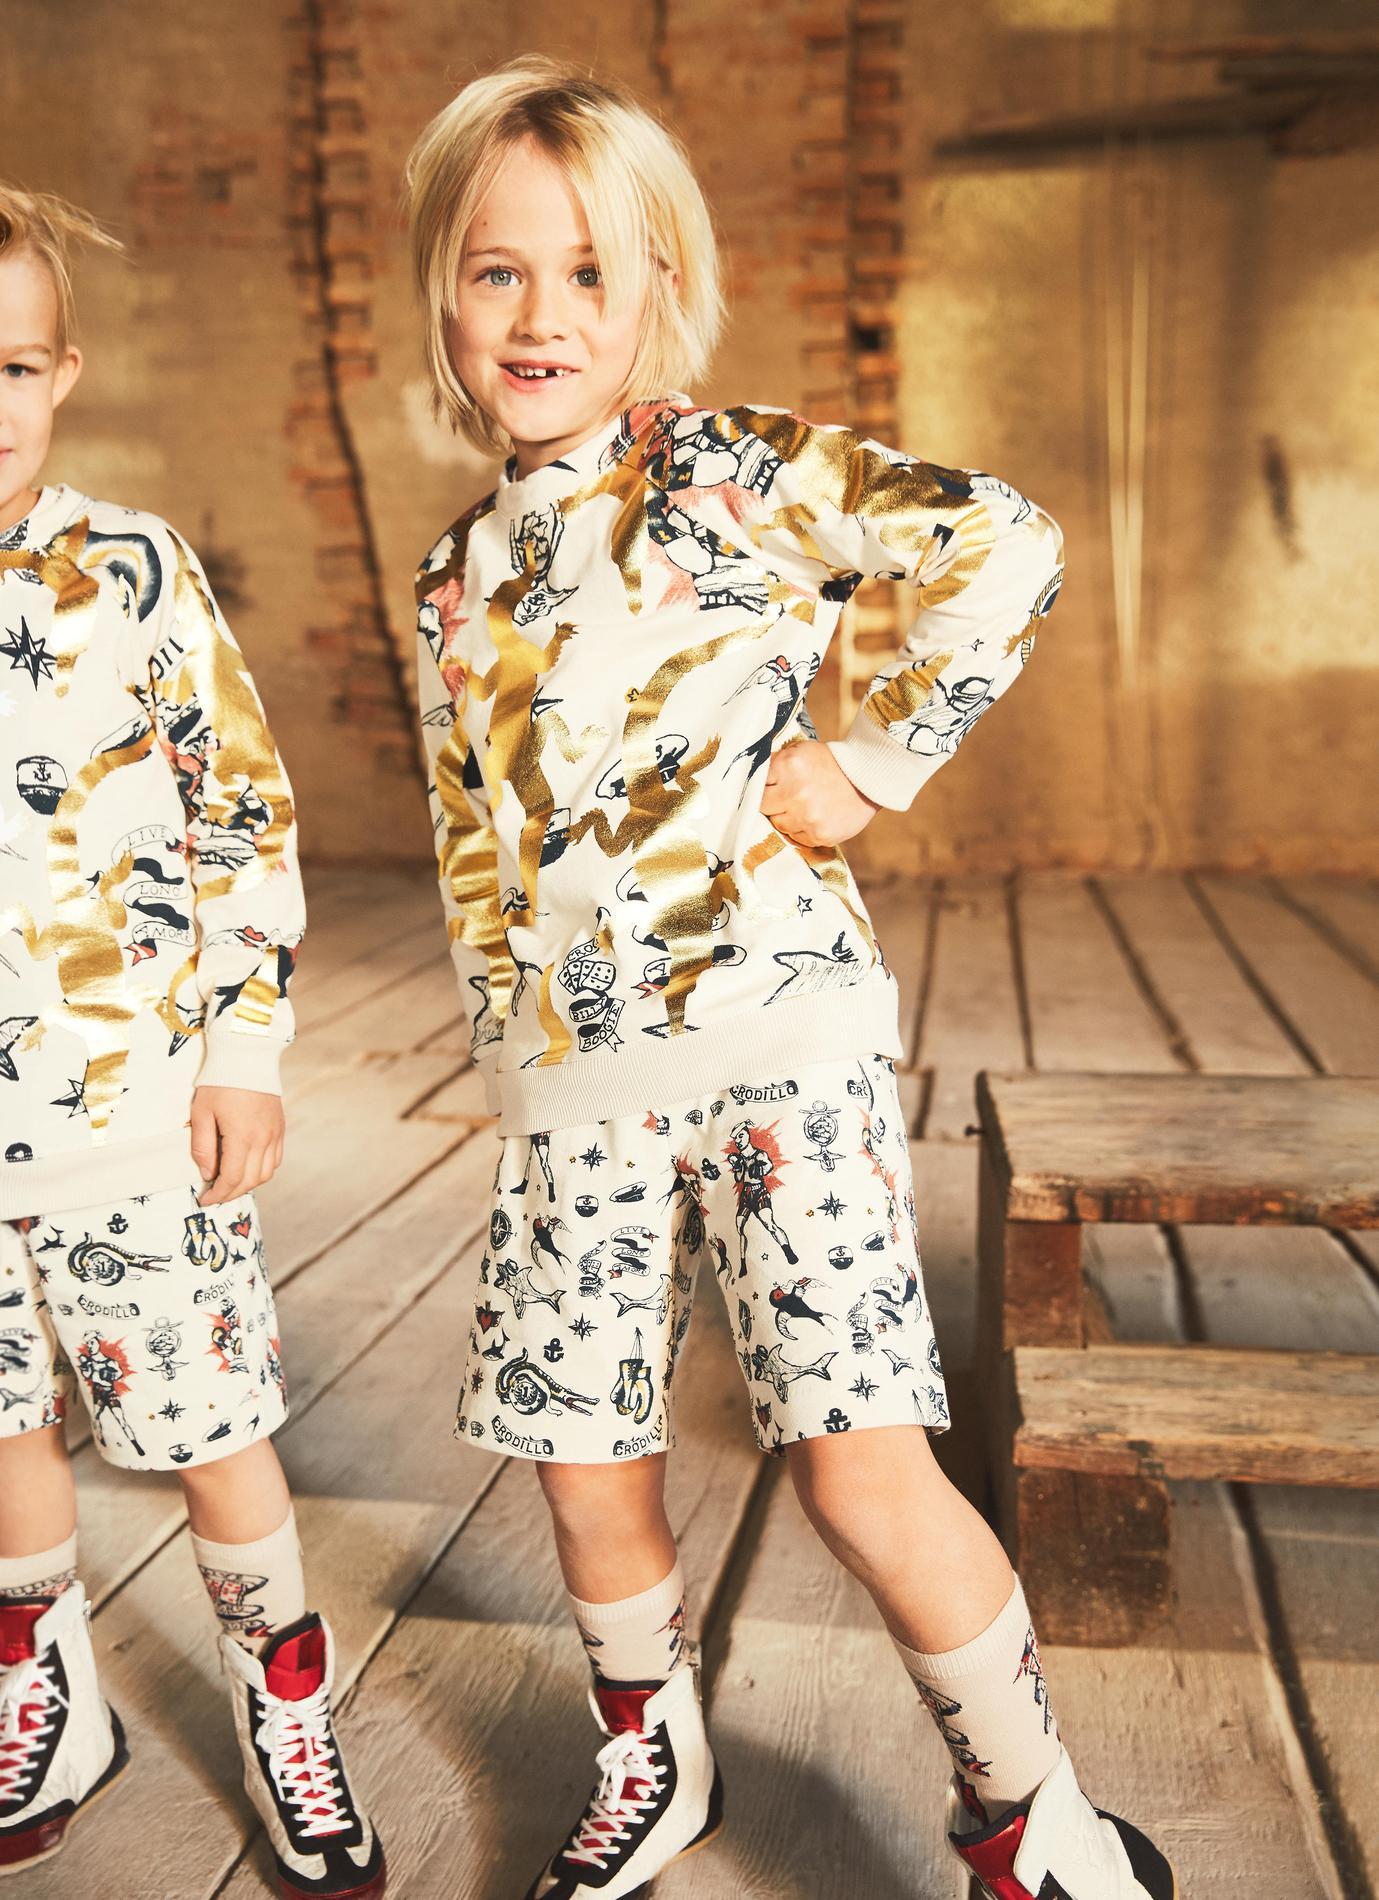 20e06c8b77d48 ... H M Studio dévoile sa nouvelle collection enfant printemps-été 2017 -  Ensemble danseuse H M Studio dévoile sa nouvelle collection enfant printemps -été ...